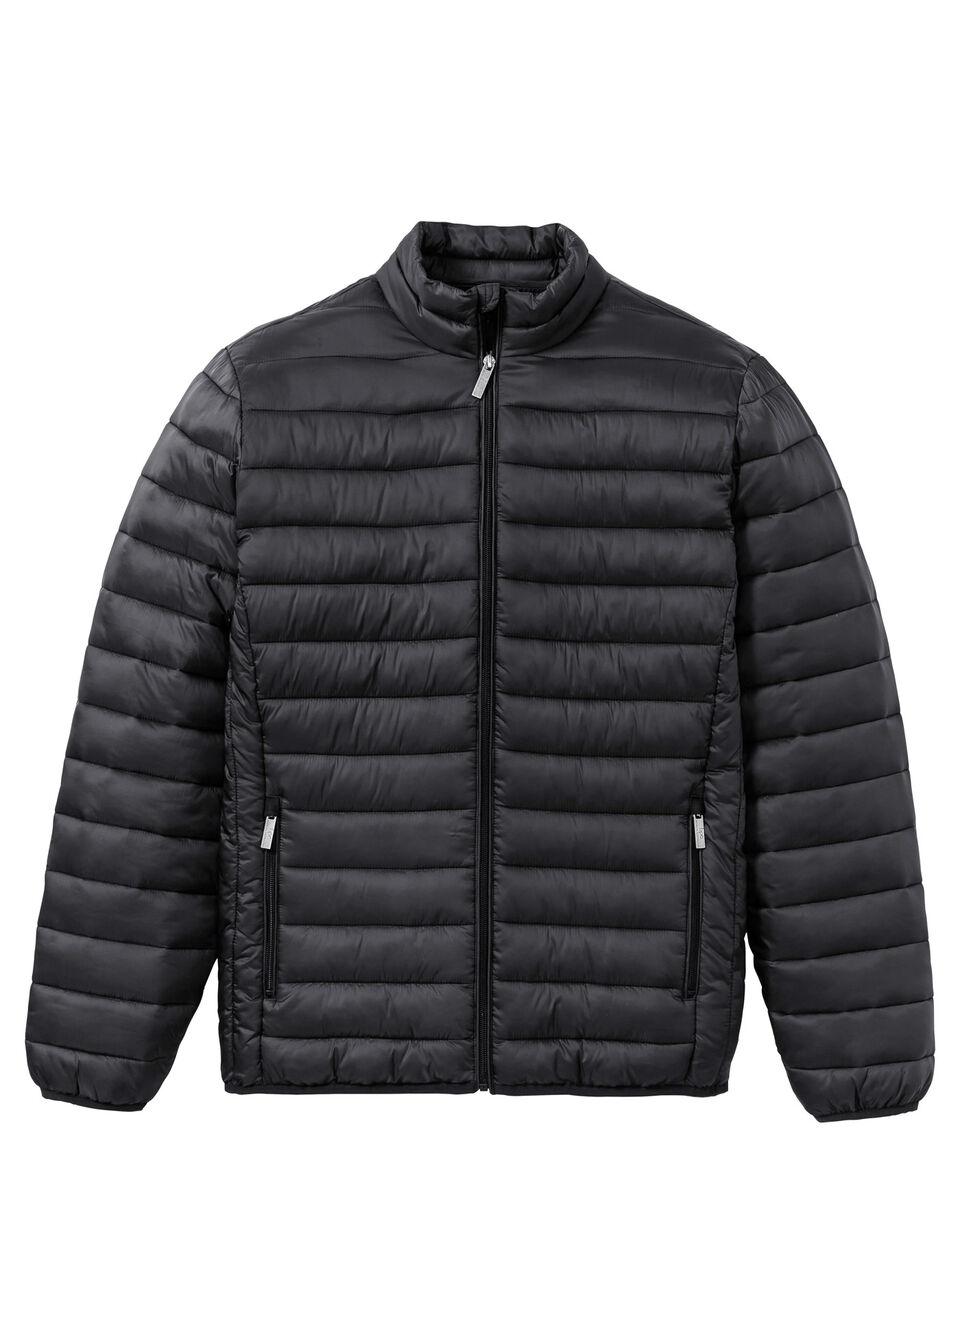 Купить Куртки и плащи, Демисезонная куртка, bonprix, черный